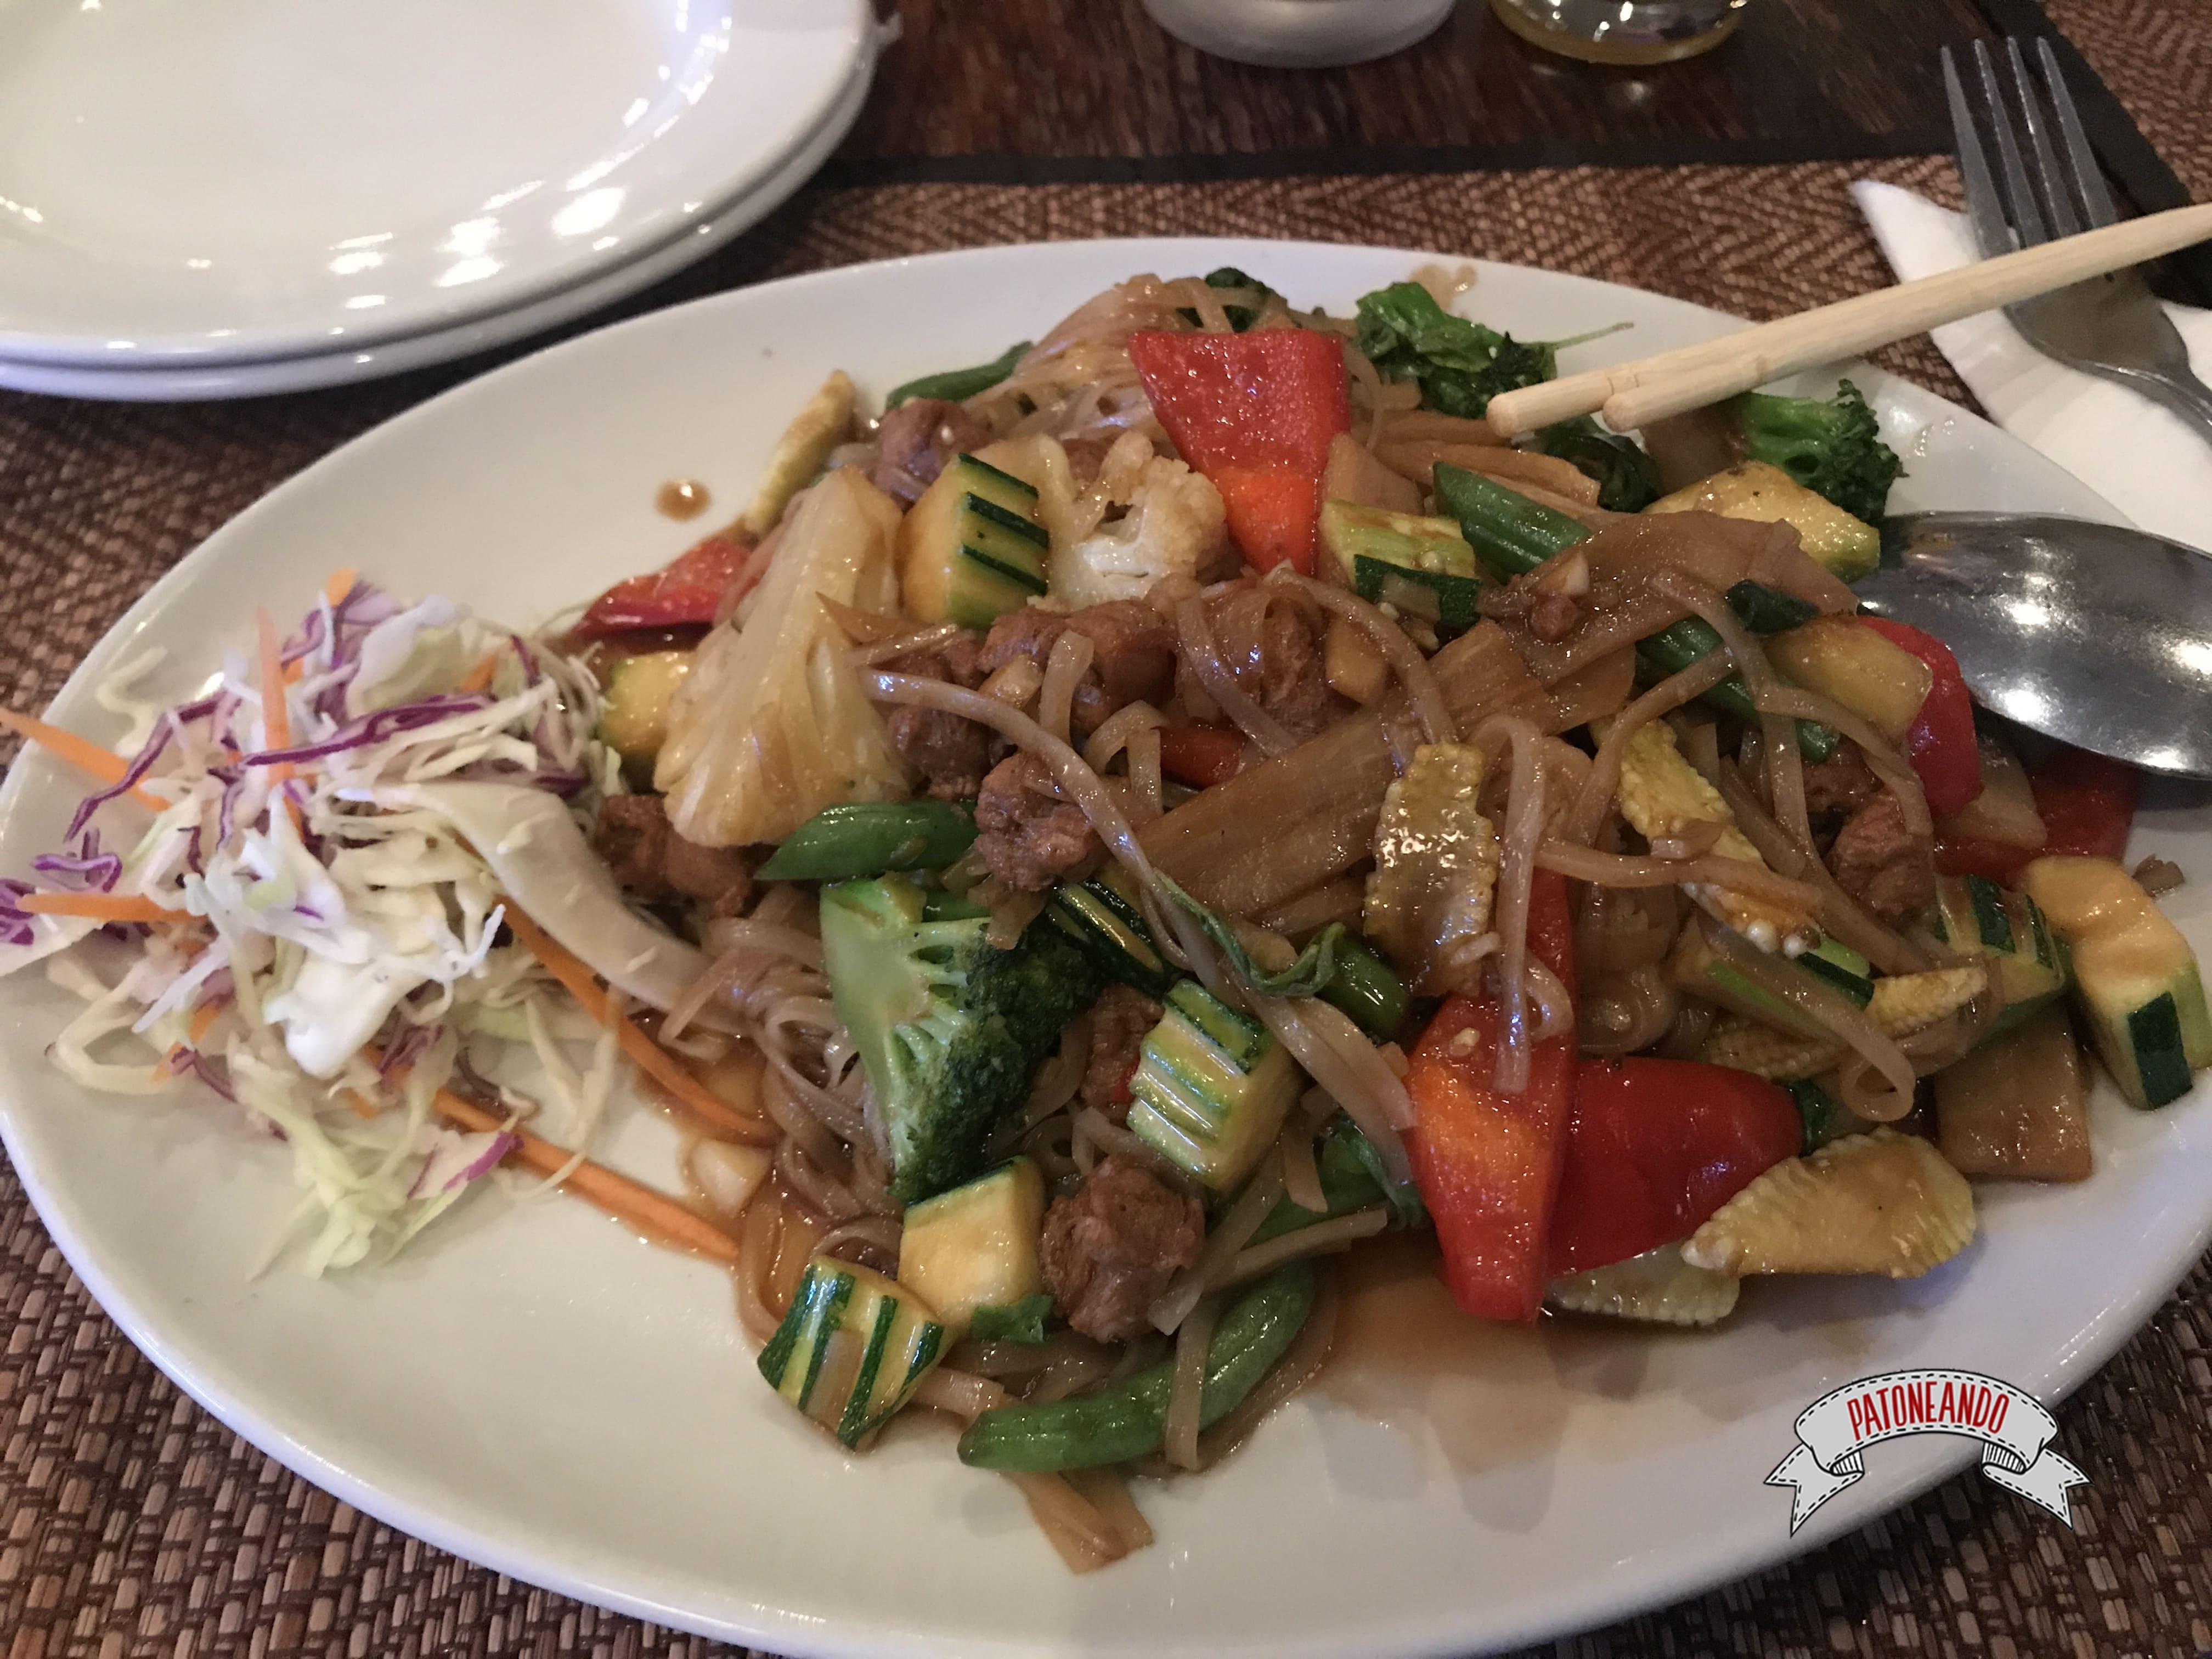 Viajar y comer saludable ¿Es posible - Patoneando blog de viajes ...